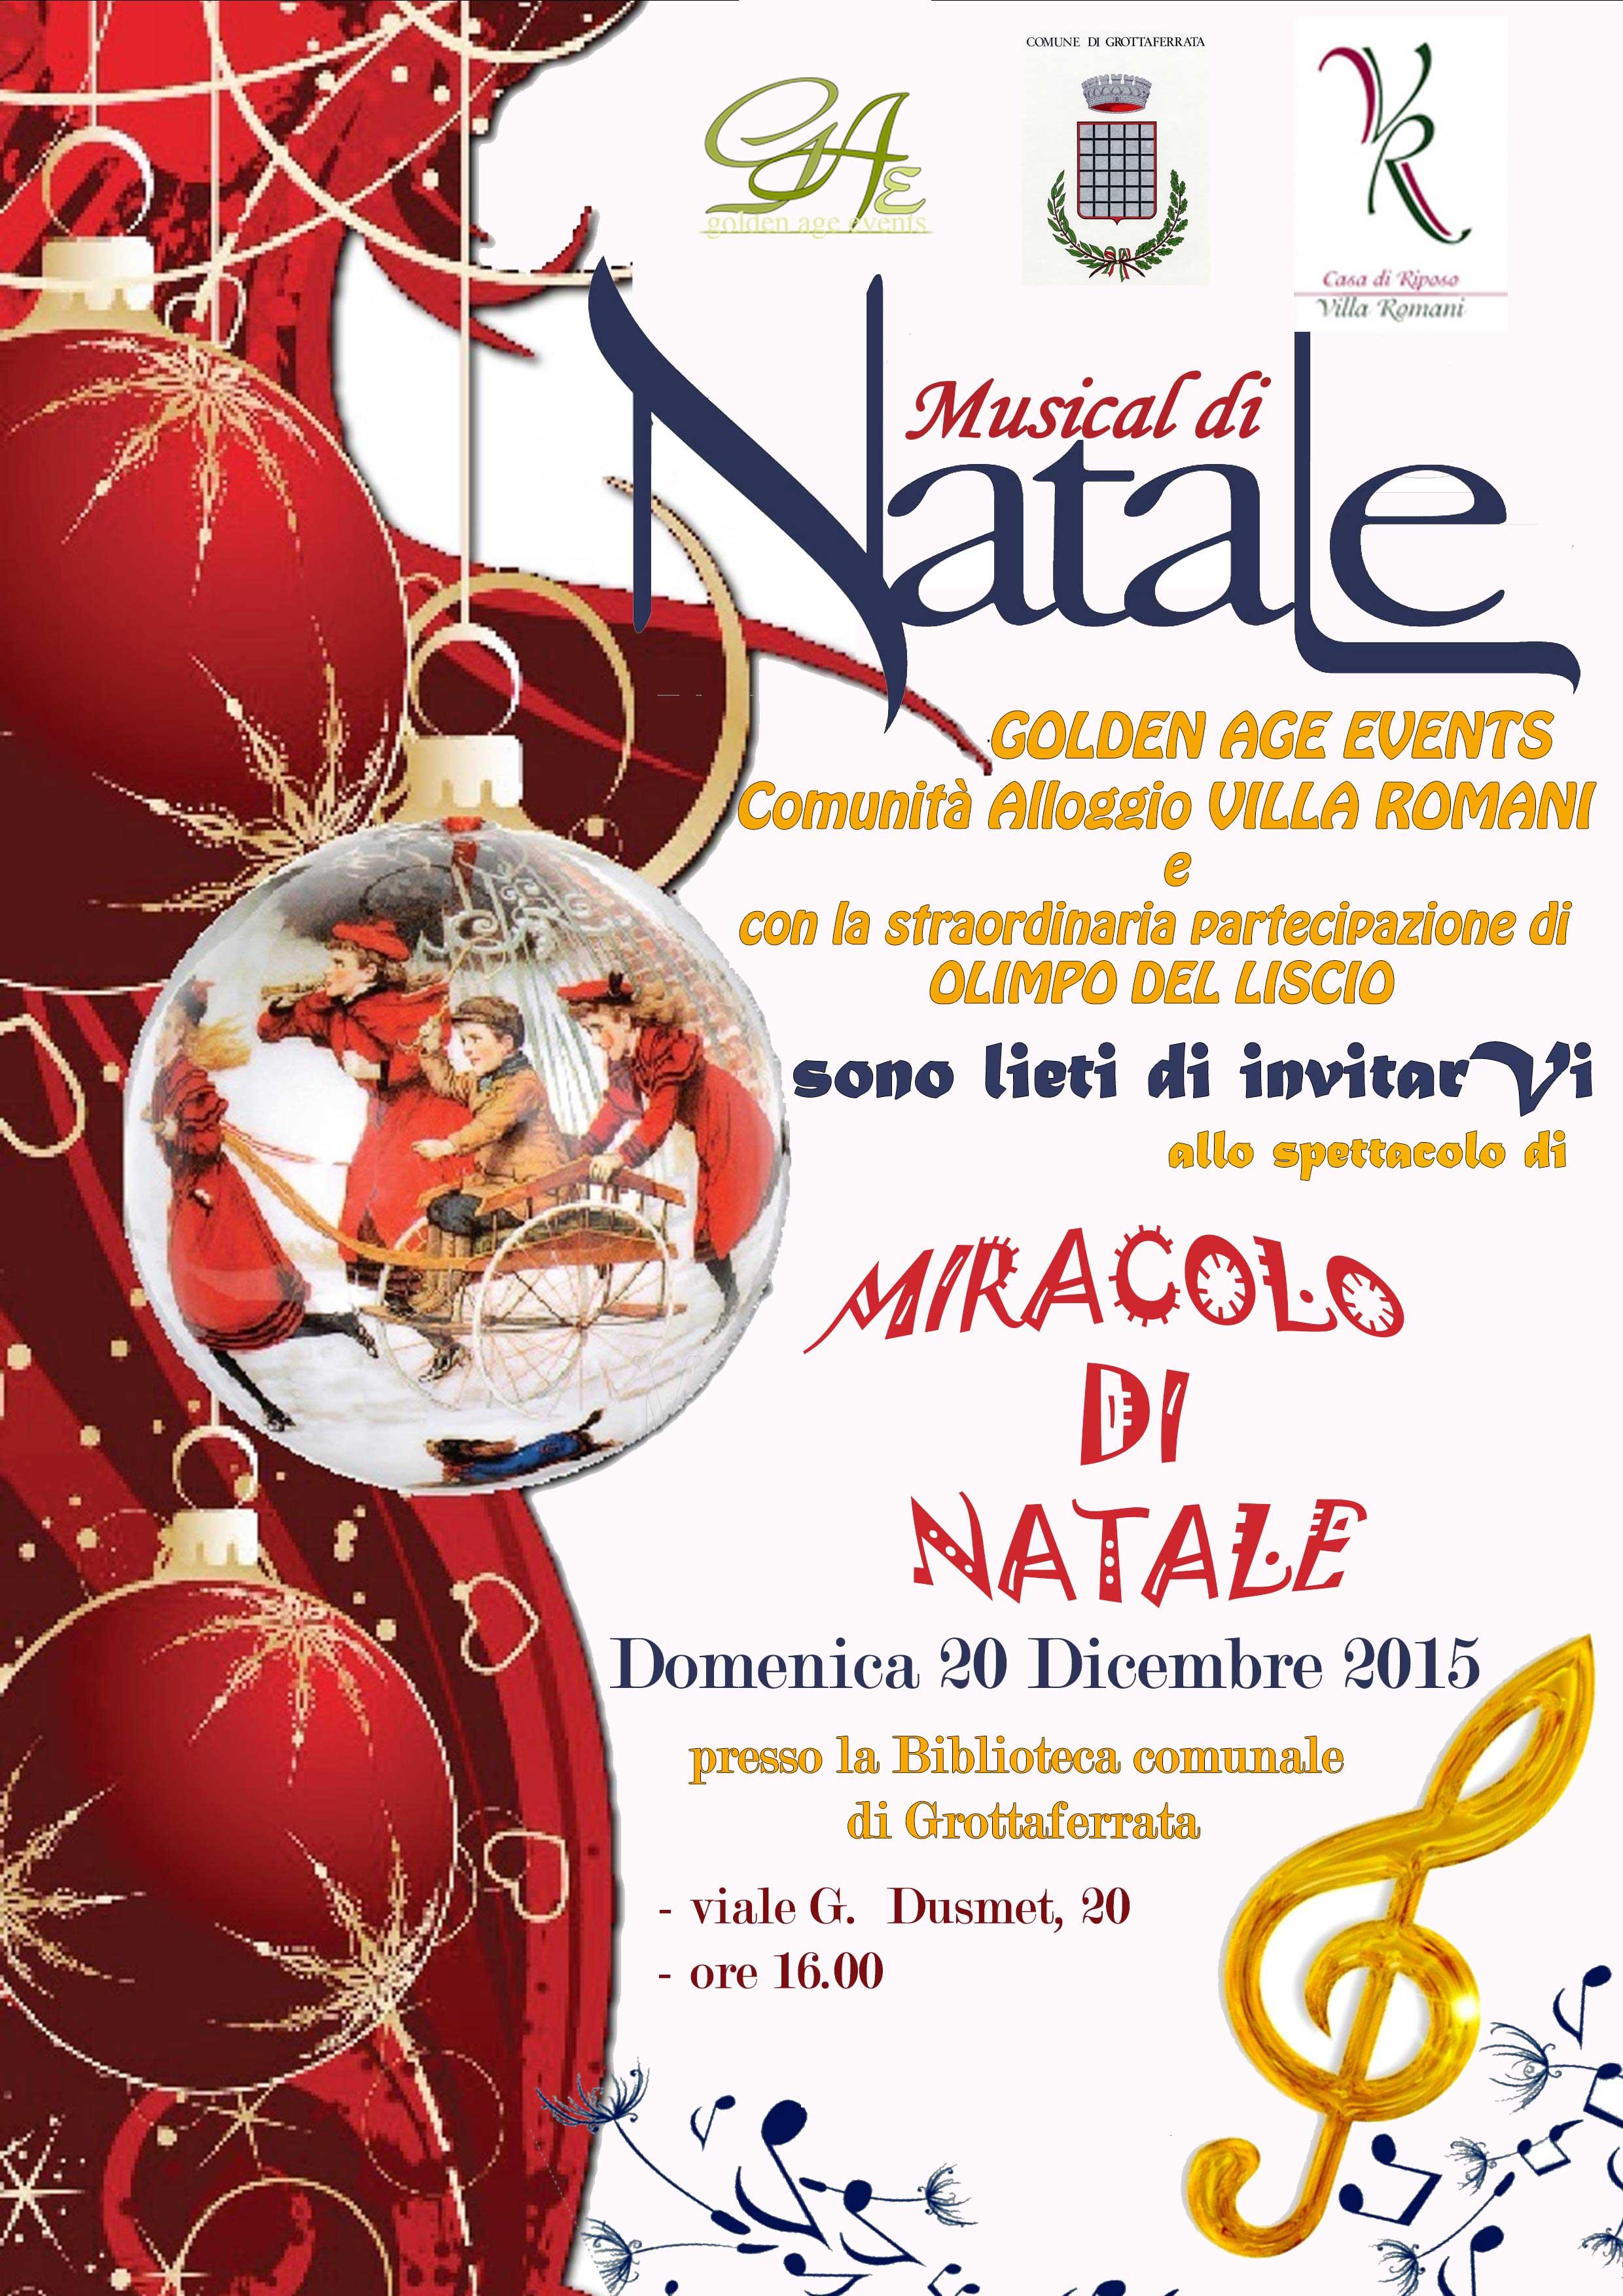 Locandina-Miracolo-di-Natale